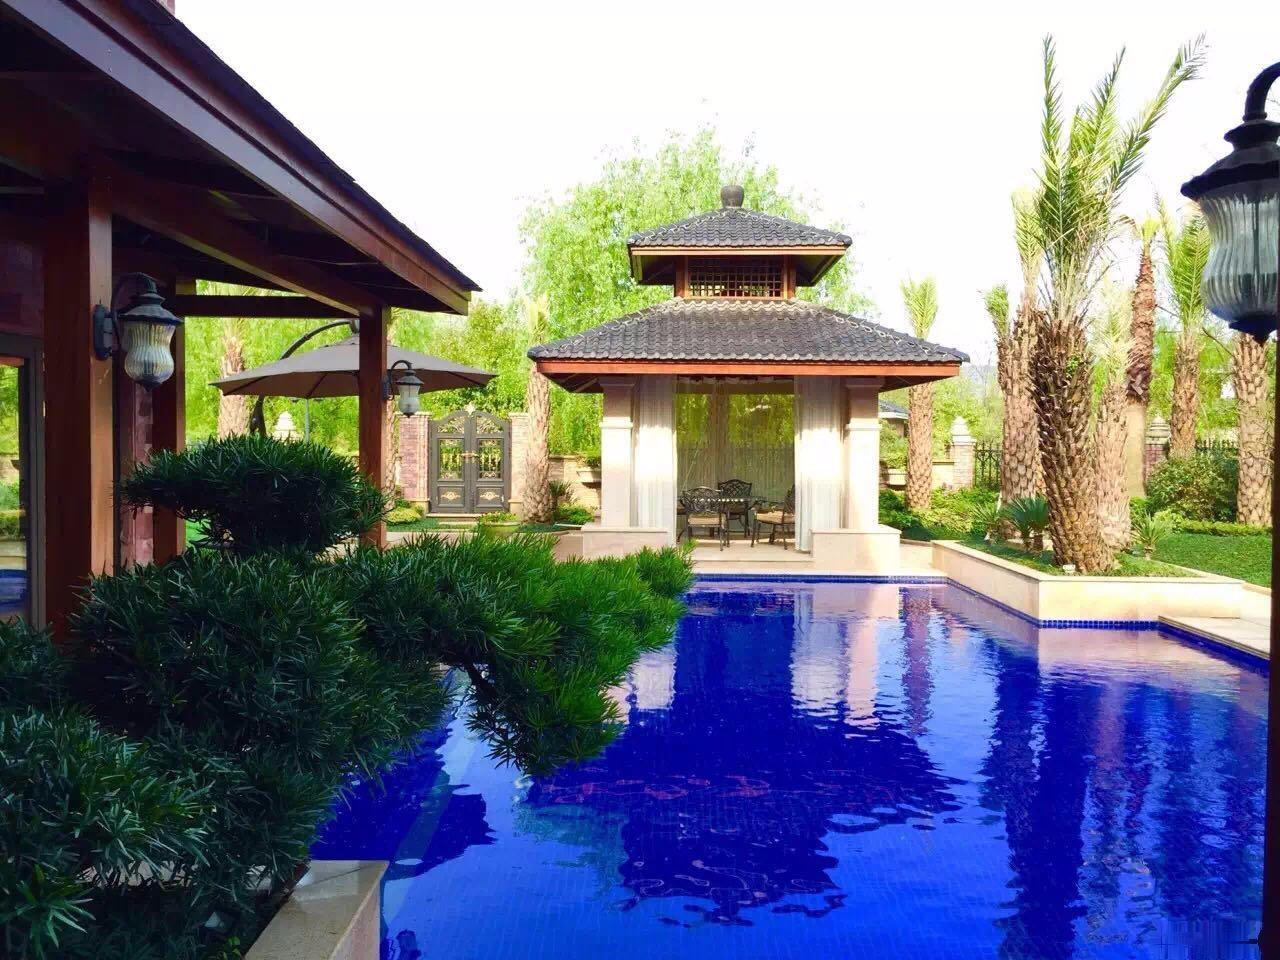 海德公园独体别墅占地2亩多 大花园,游泳池,你想要的在这里